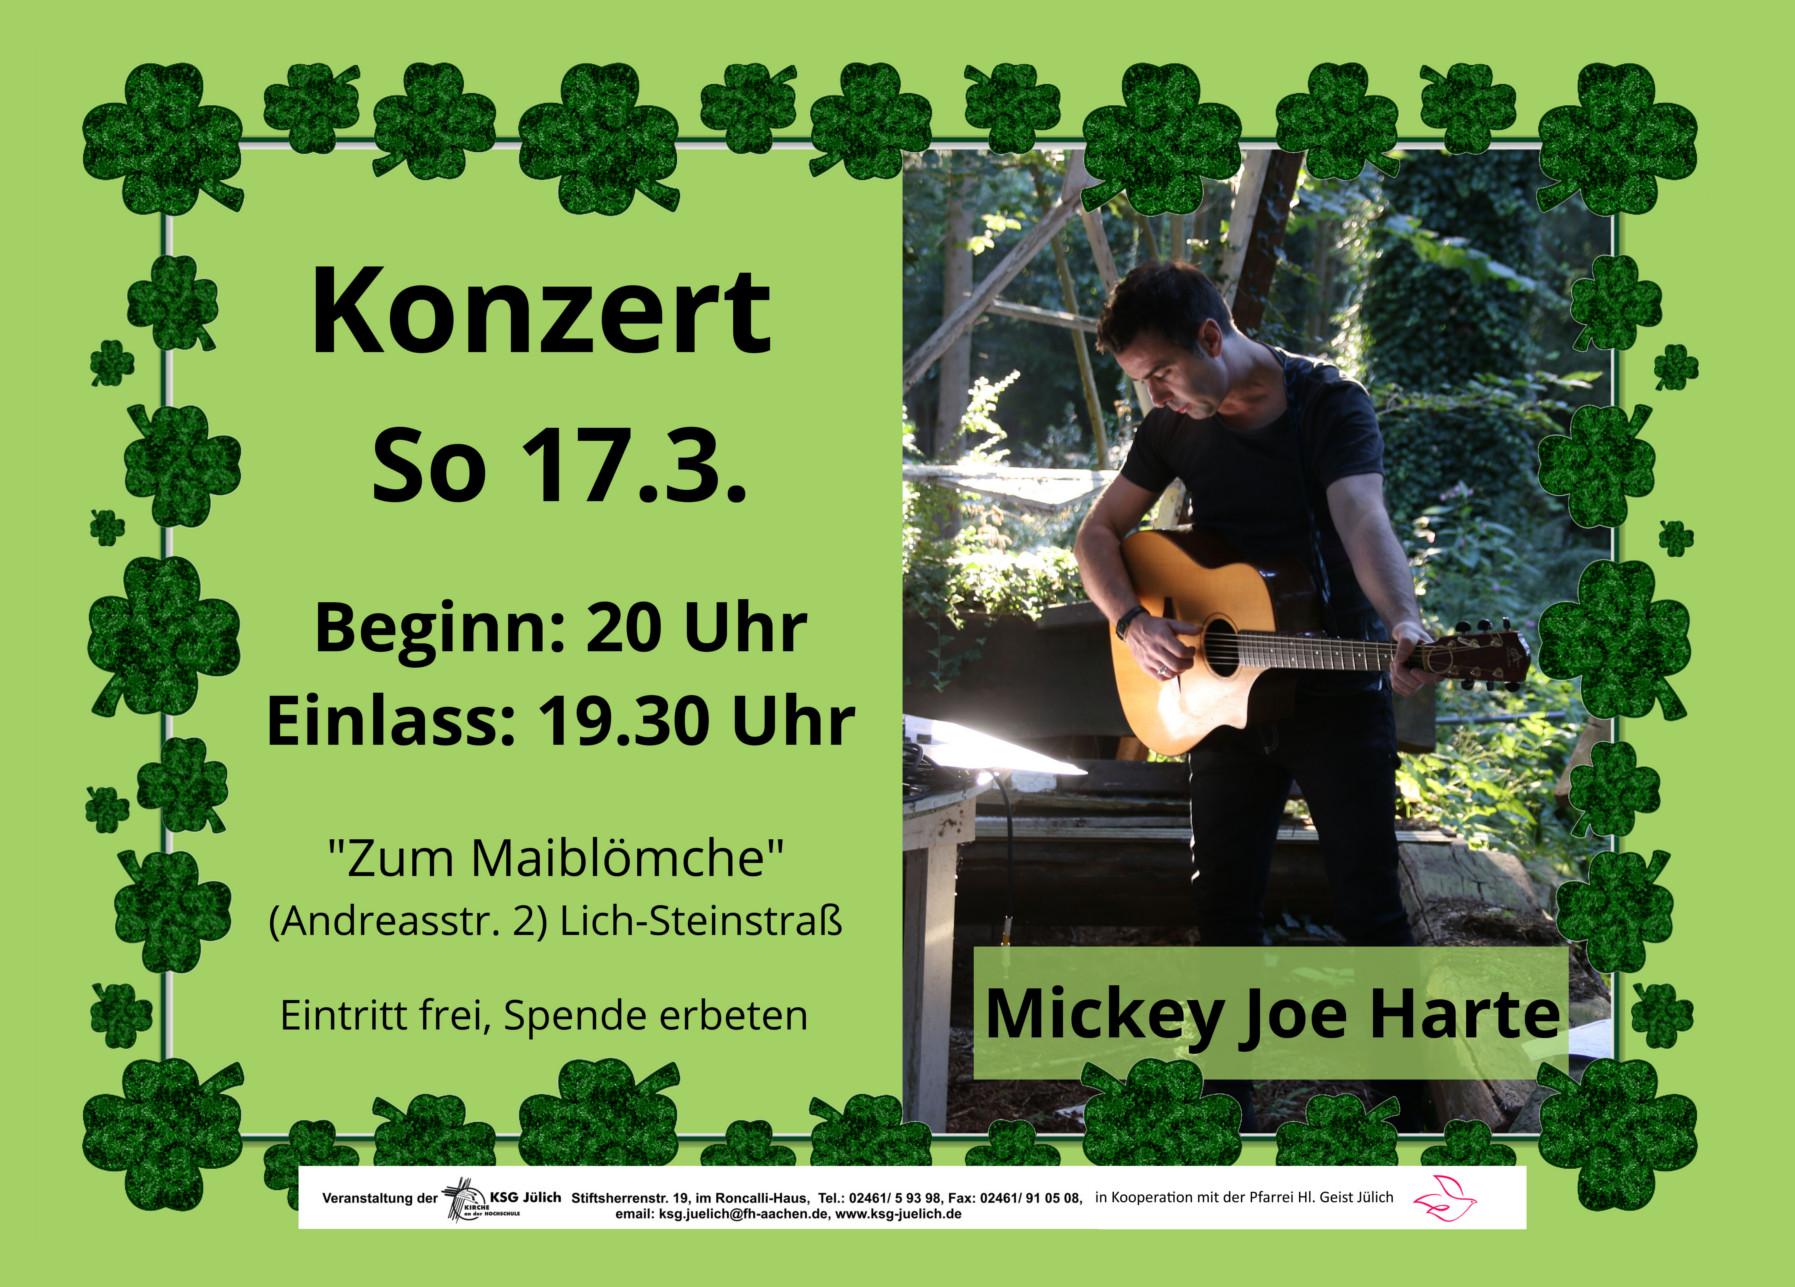 Irisches Konzert am St. Patrick´s Day